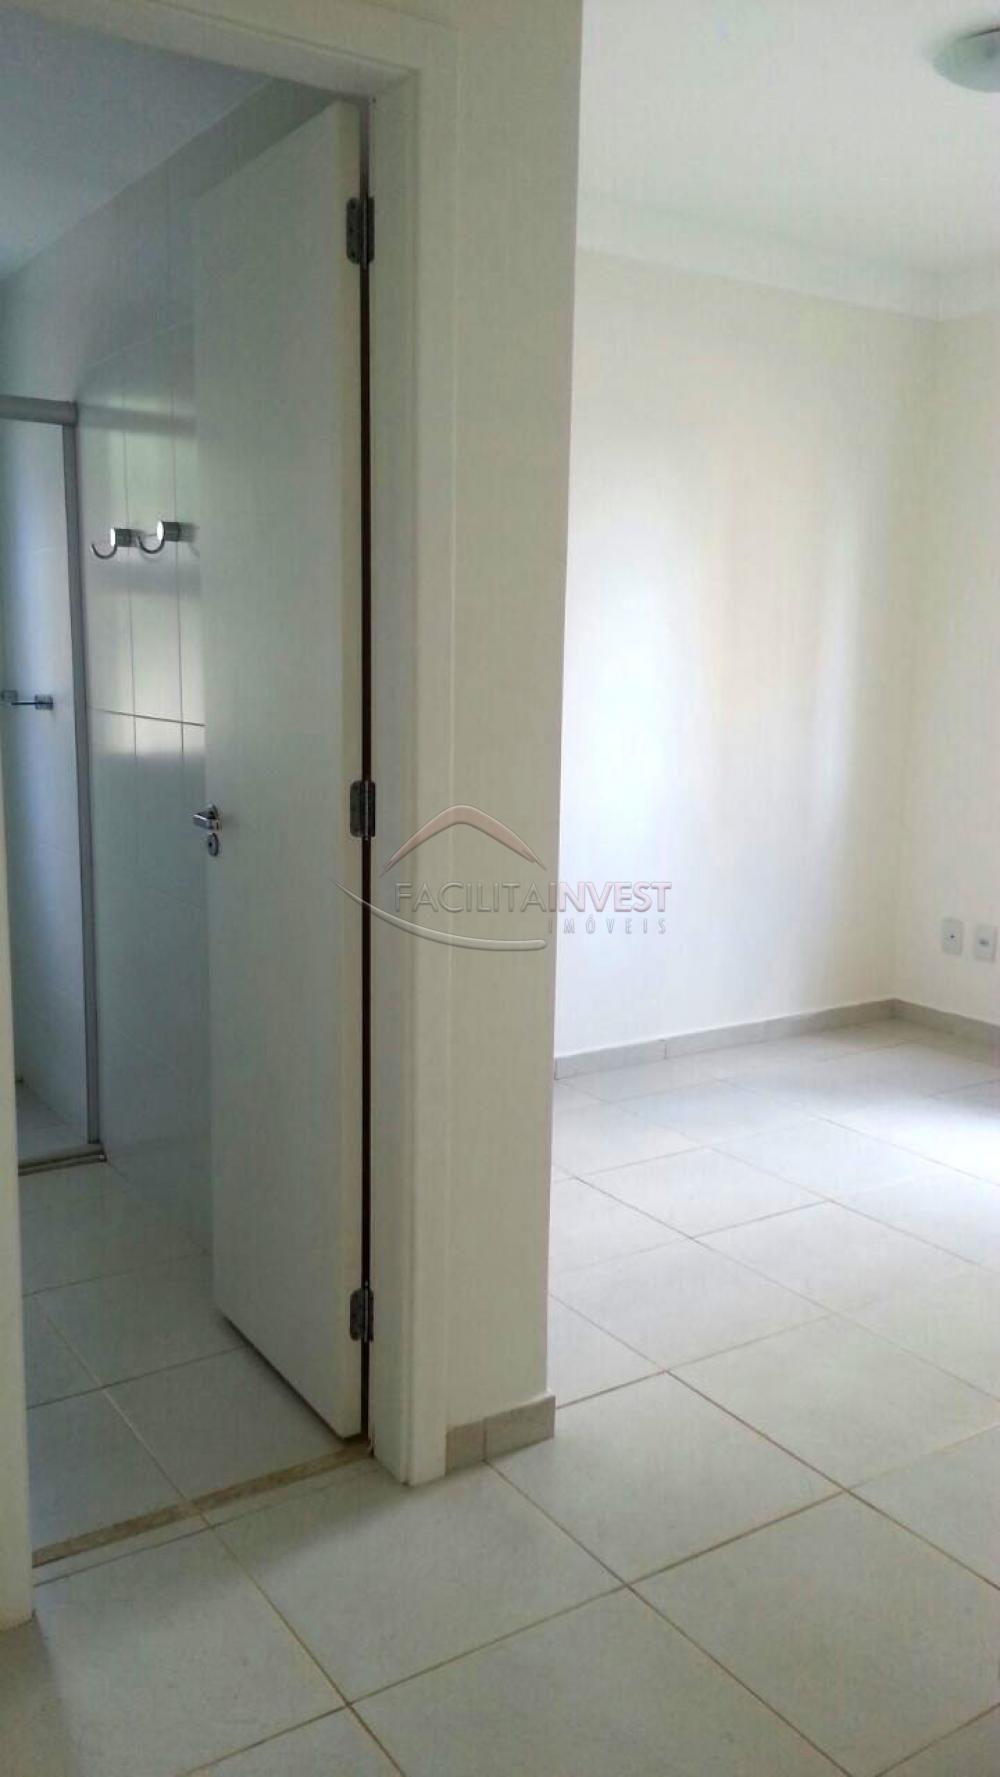 Alugar Apartamentos / Apart. Padrão em Ribeirão Preto apenas R$ 1.650,00 - Foto 6